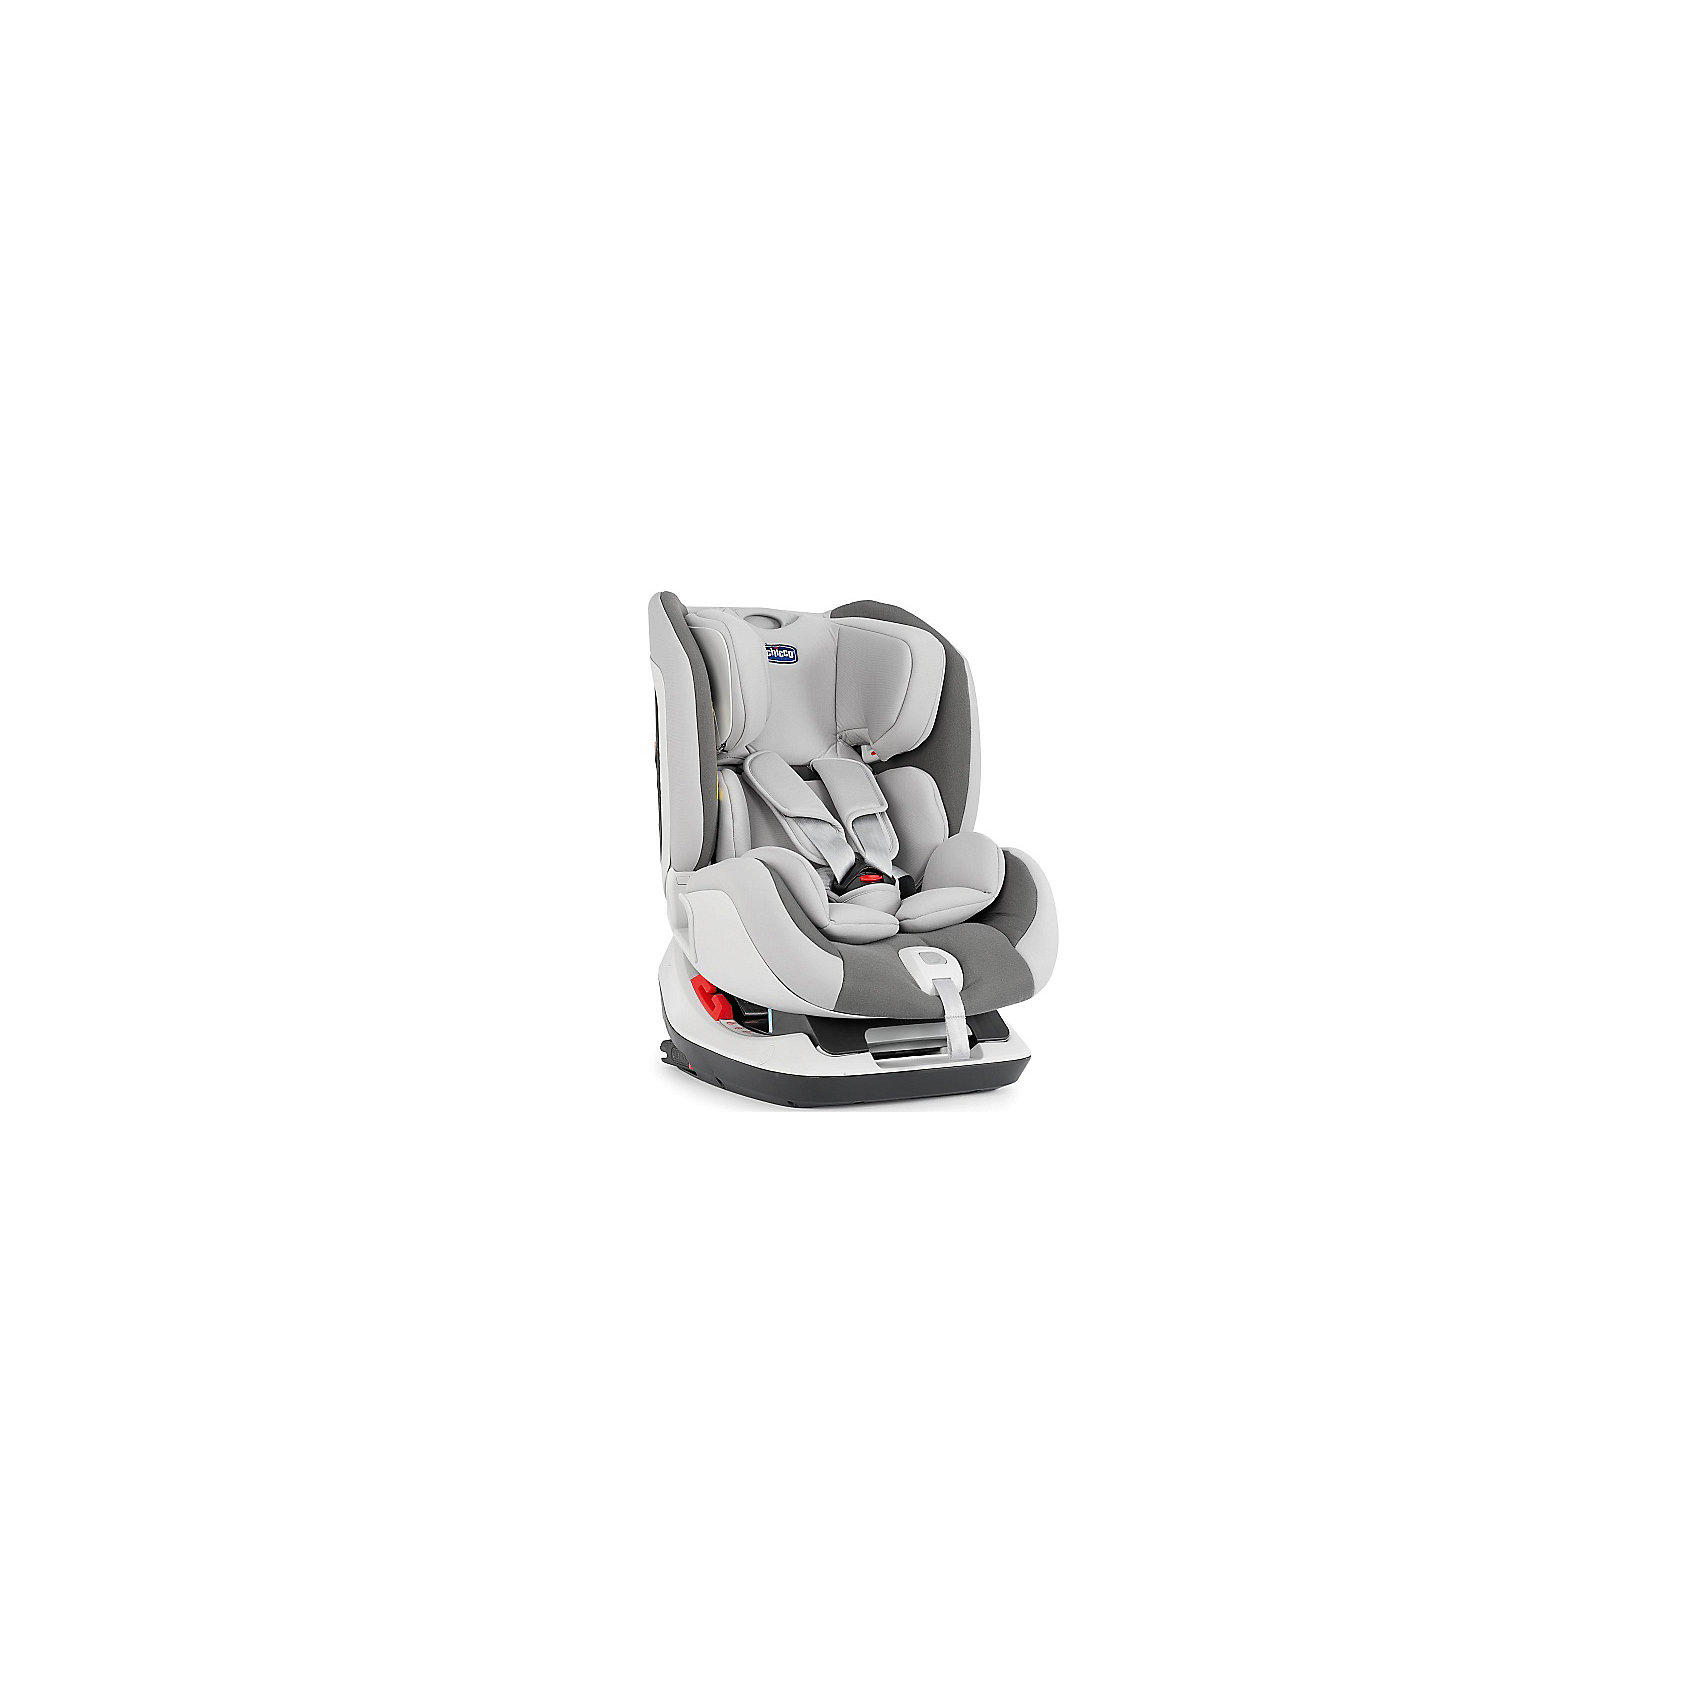 Автокресло SEAT UP 012, 0-25 кг., CHICCO, серый